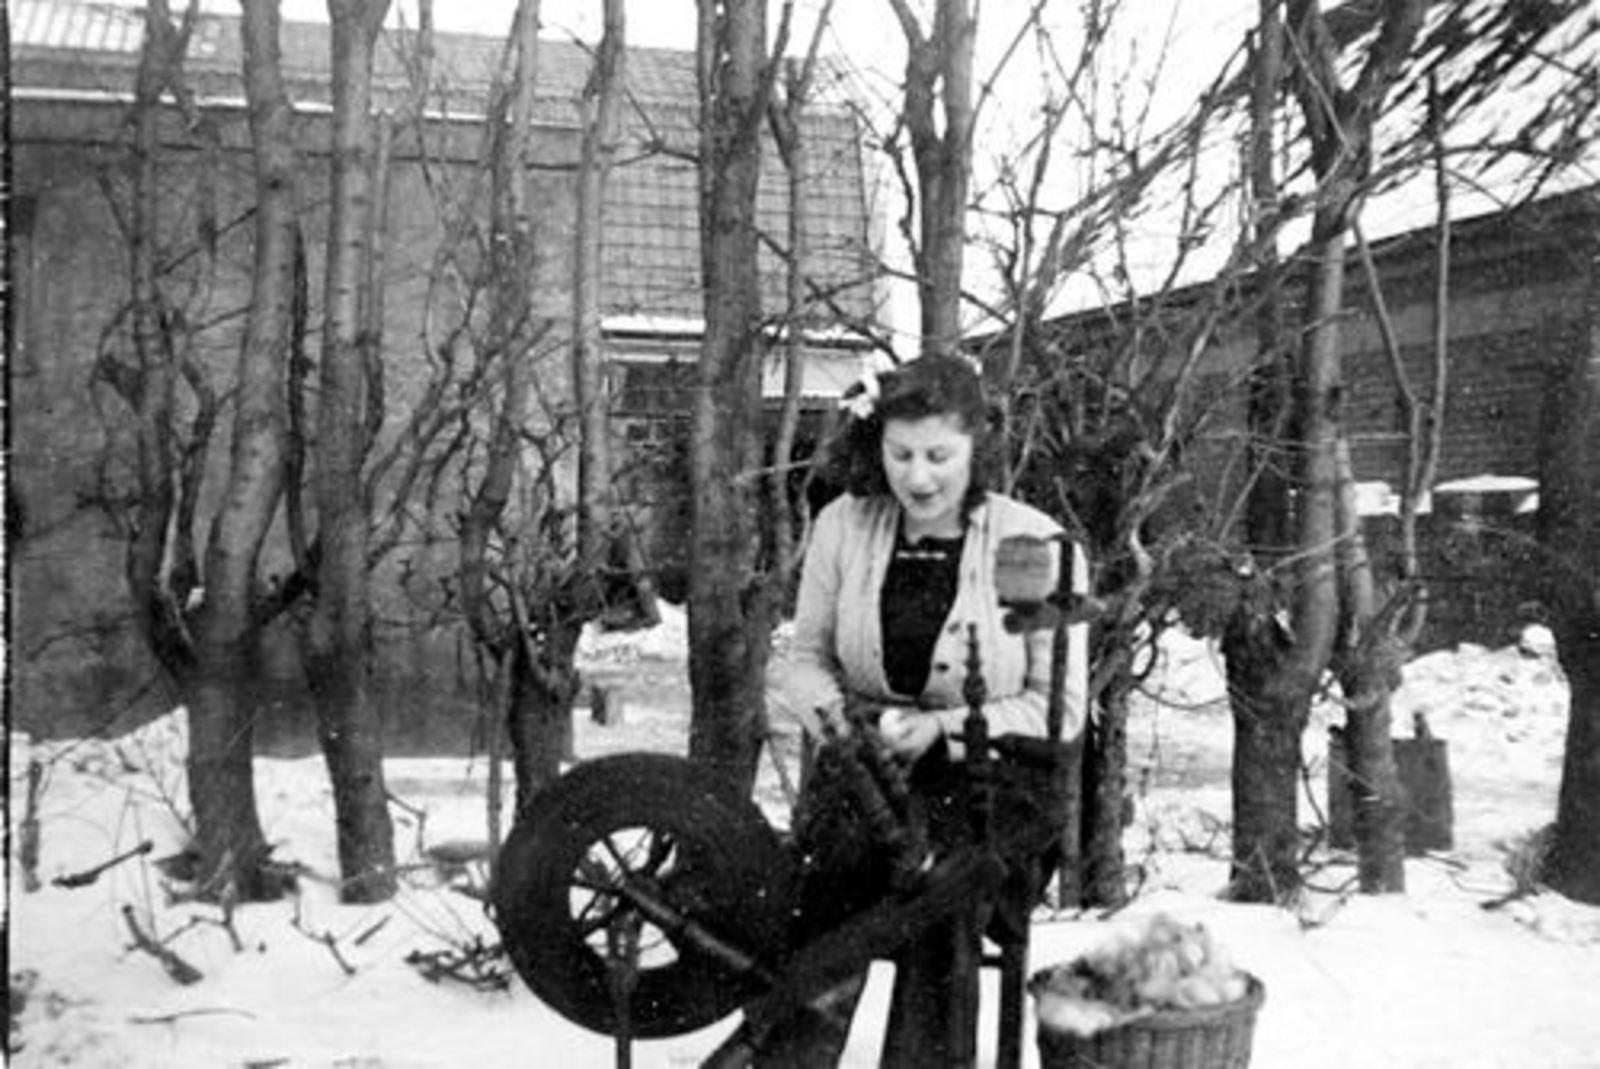 Robijn Aggie 19__ op Spinnewiel in de Sneeuw